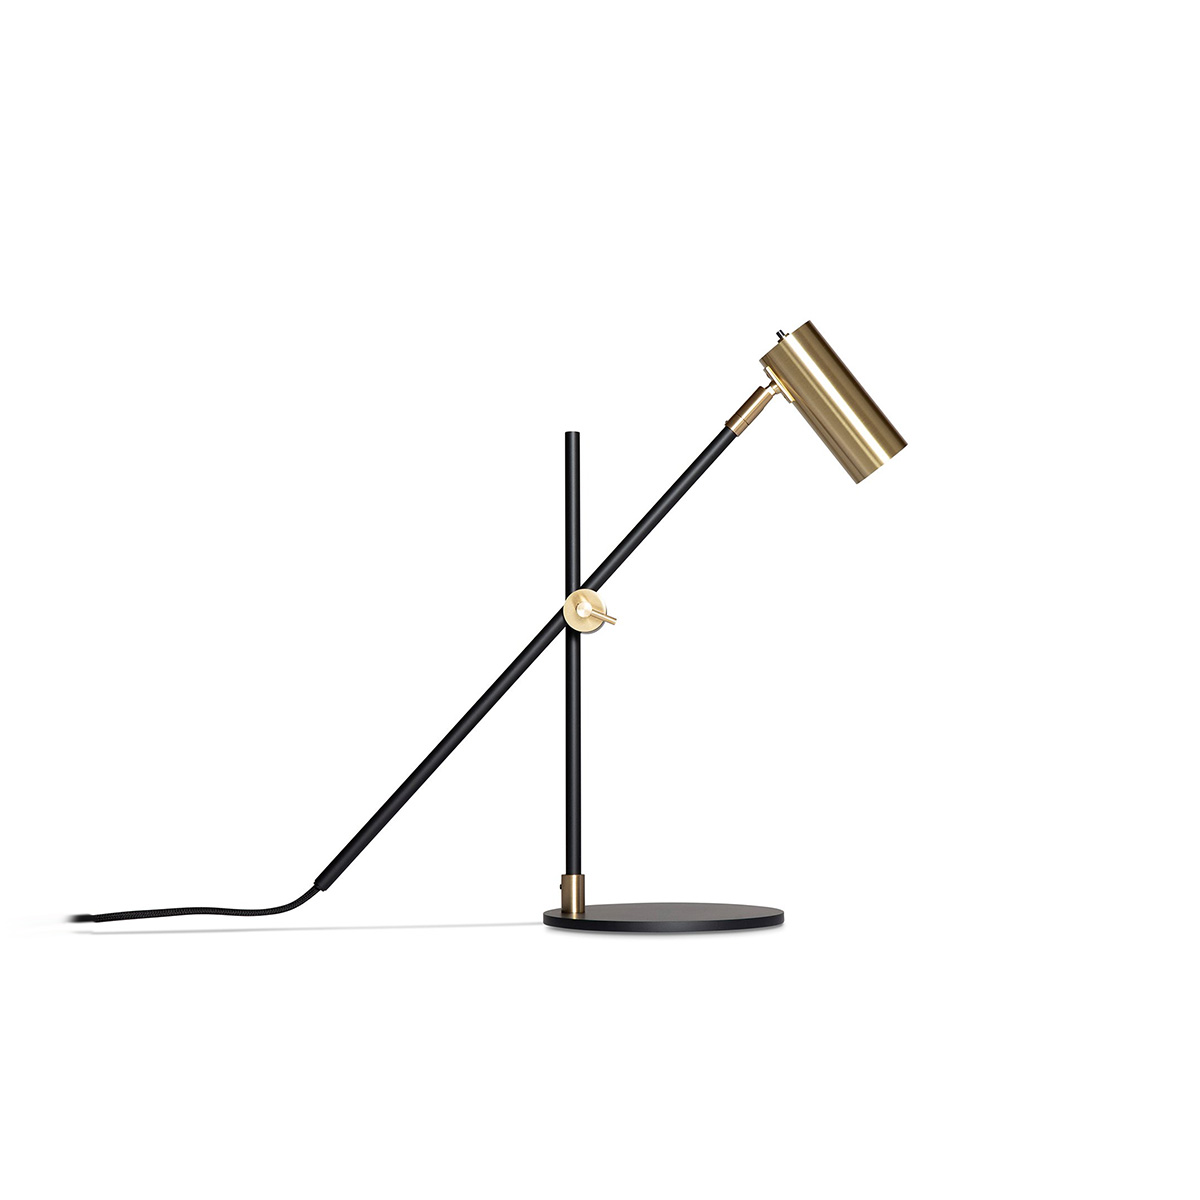 Stona lampa 1.0175- Sl550